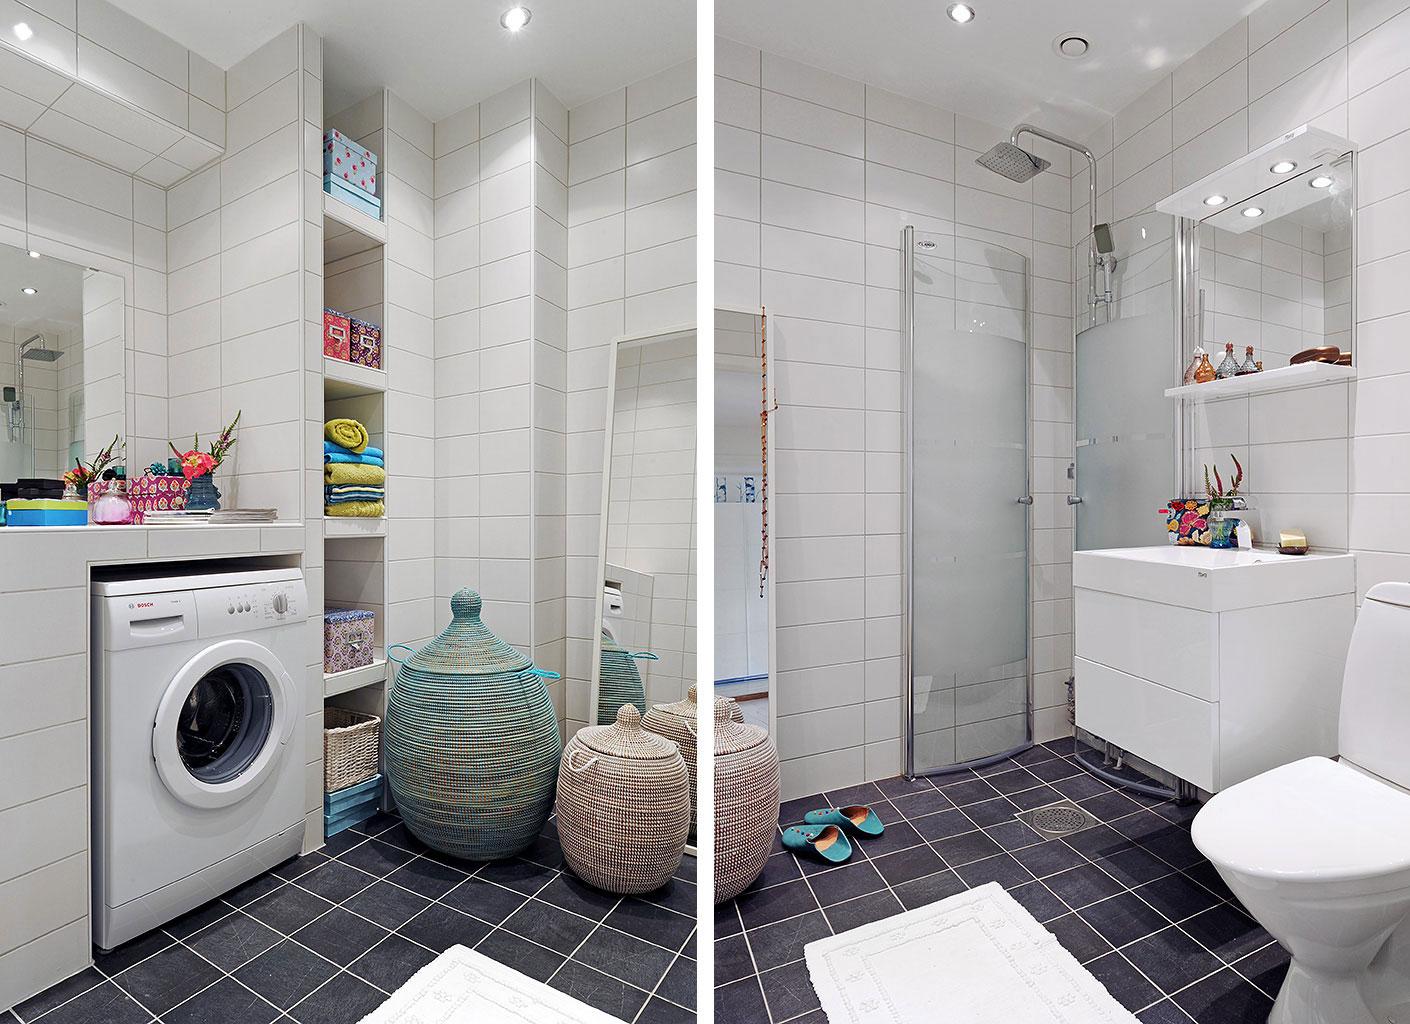 Ванная комната дизайн 6 кв м со стиральной машиной и туалетом